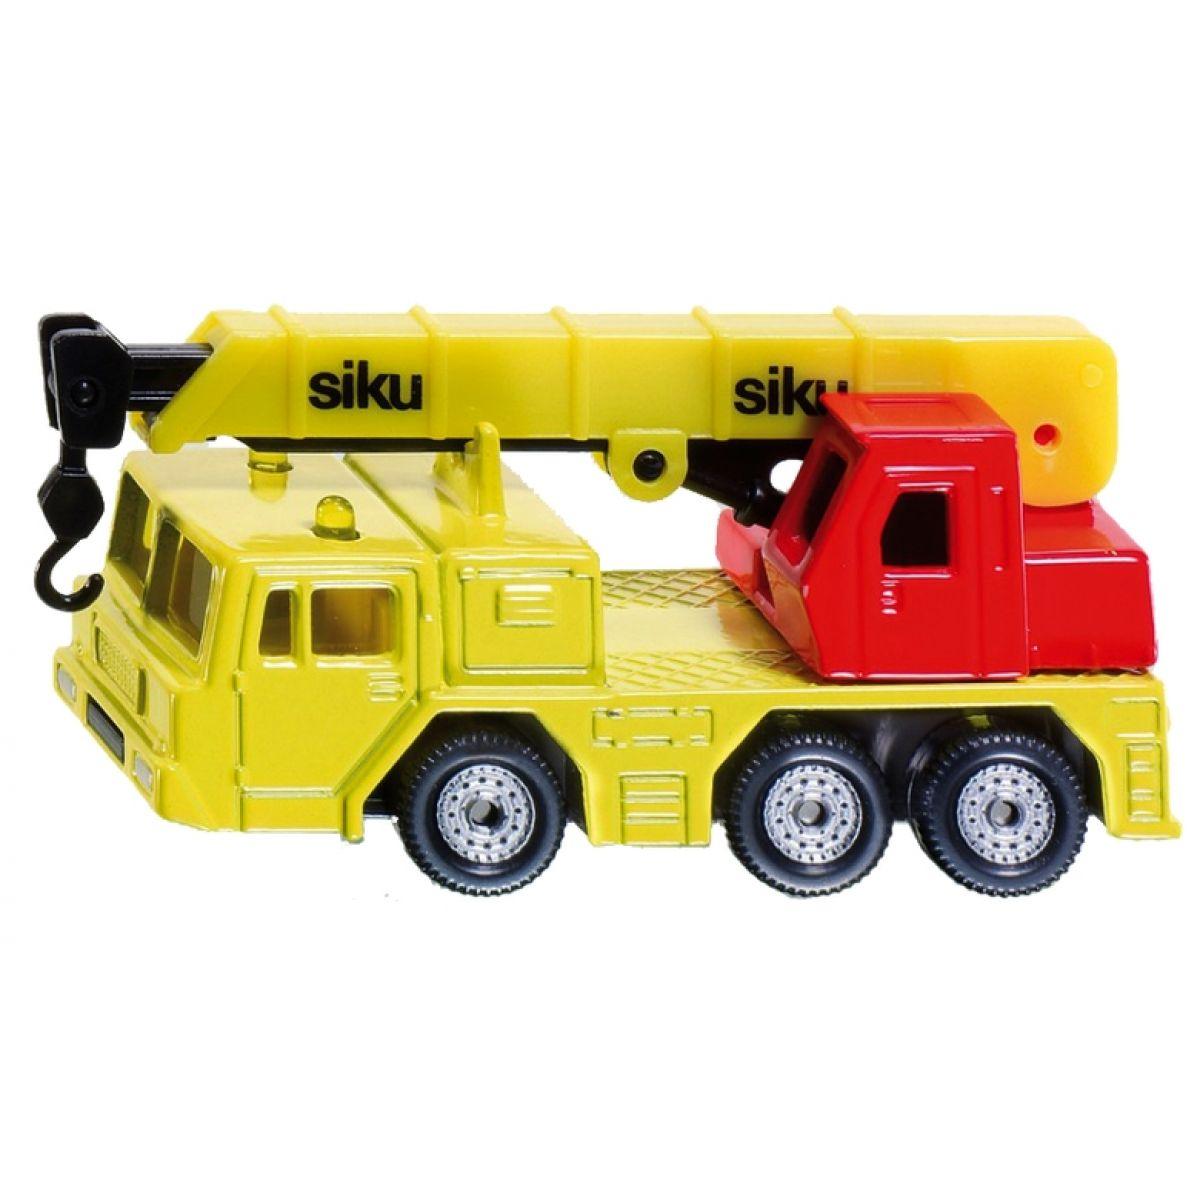 Siku 1326 Autojeřáb žlutá 1:87